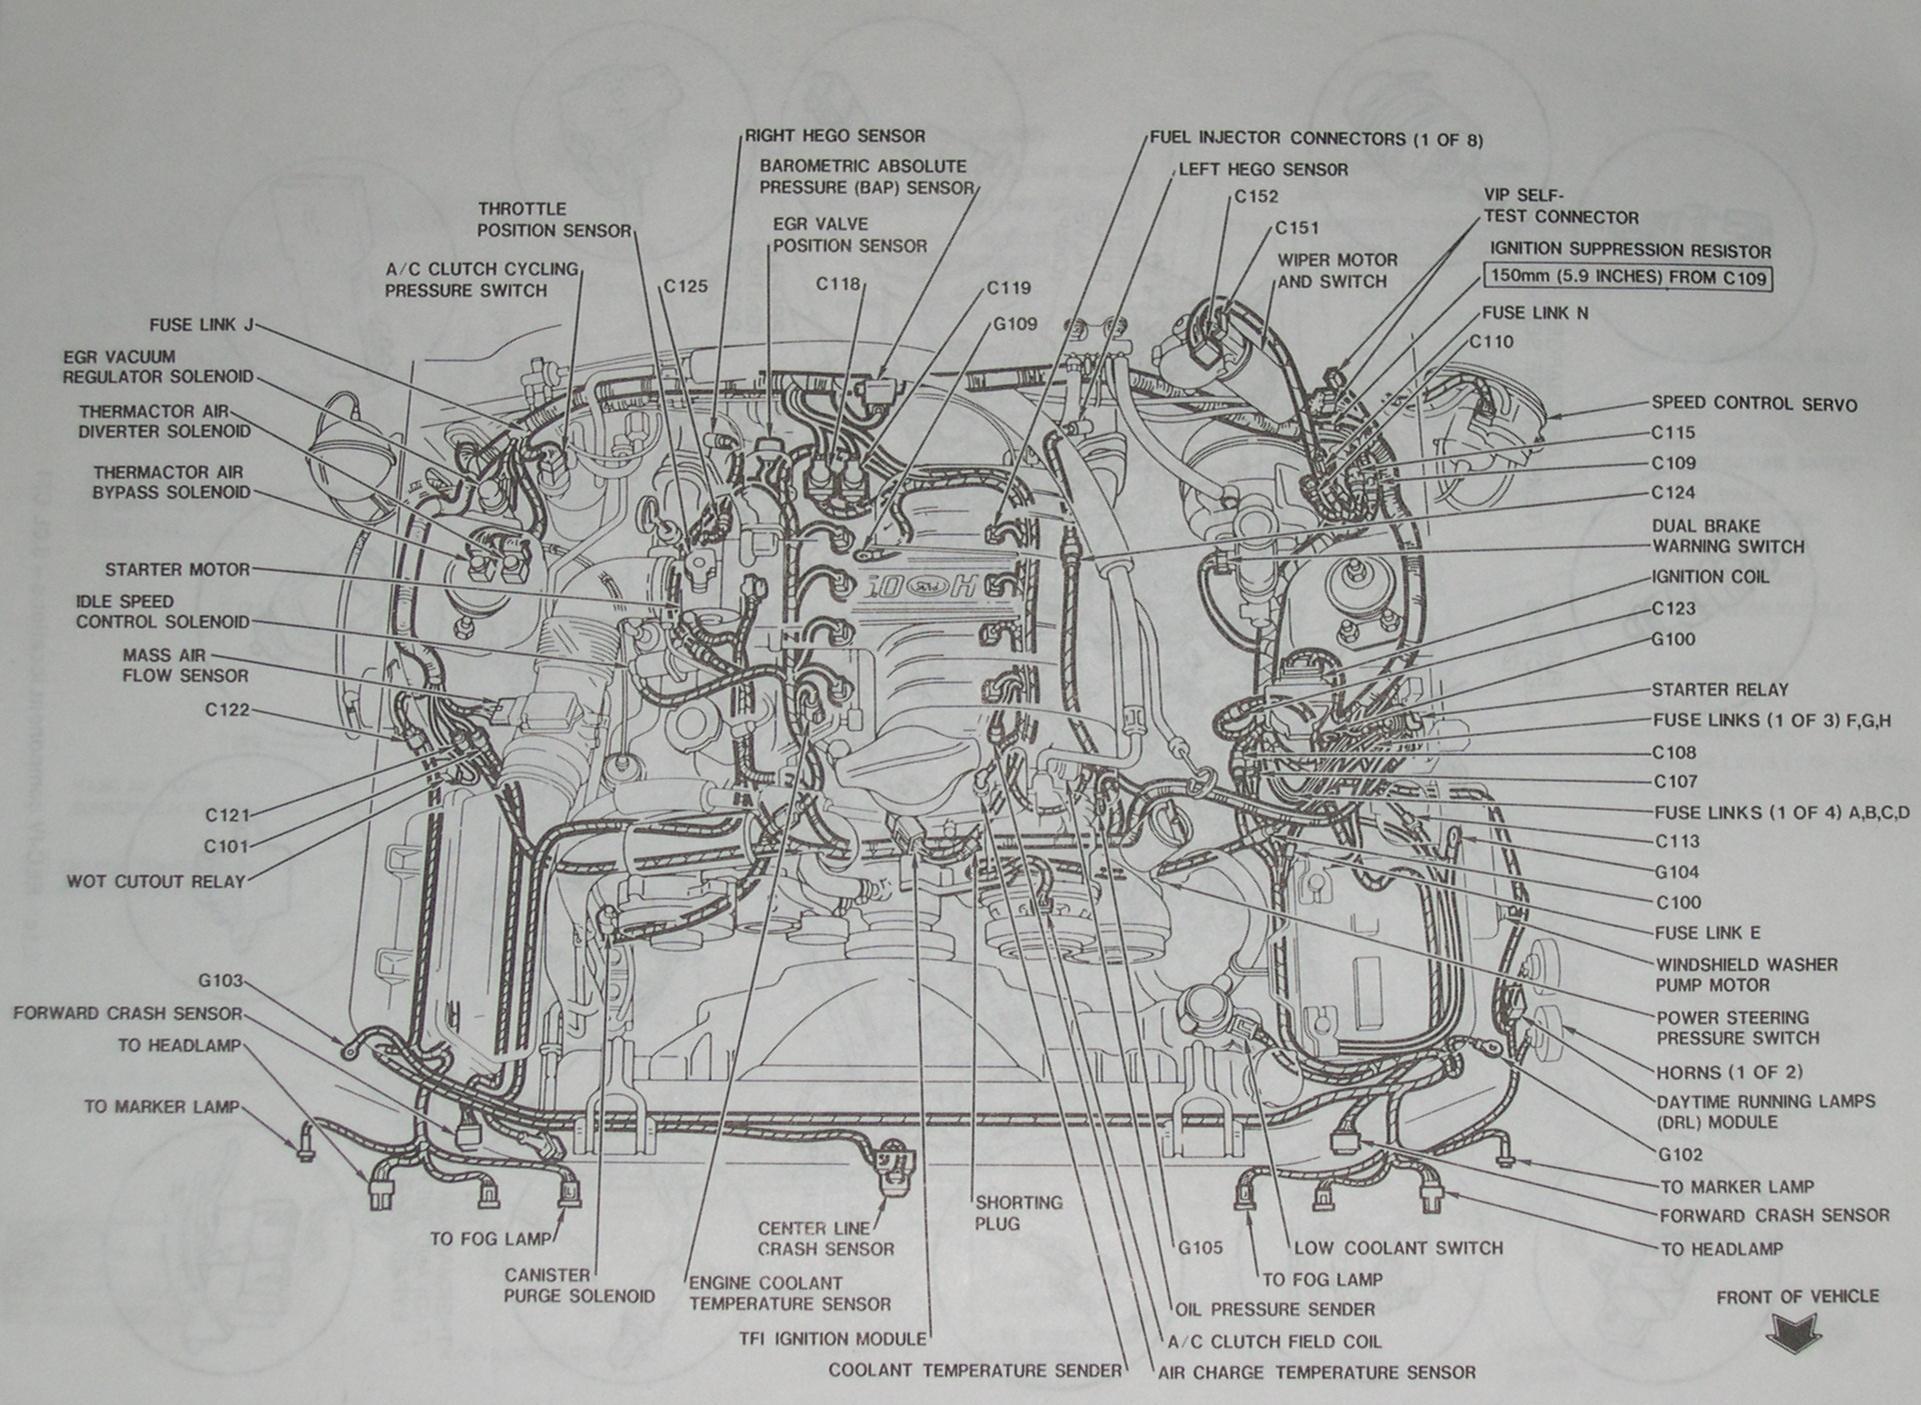 1990 mustang engine diagram easy wiring diagrams u2022 rh art isere com 1990 mustang engine wiring diagram 1990 mustang gt engine wiring diagram